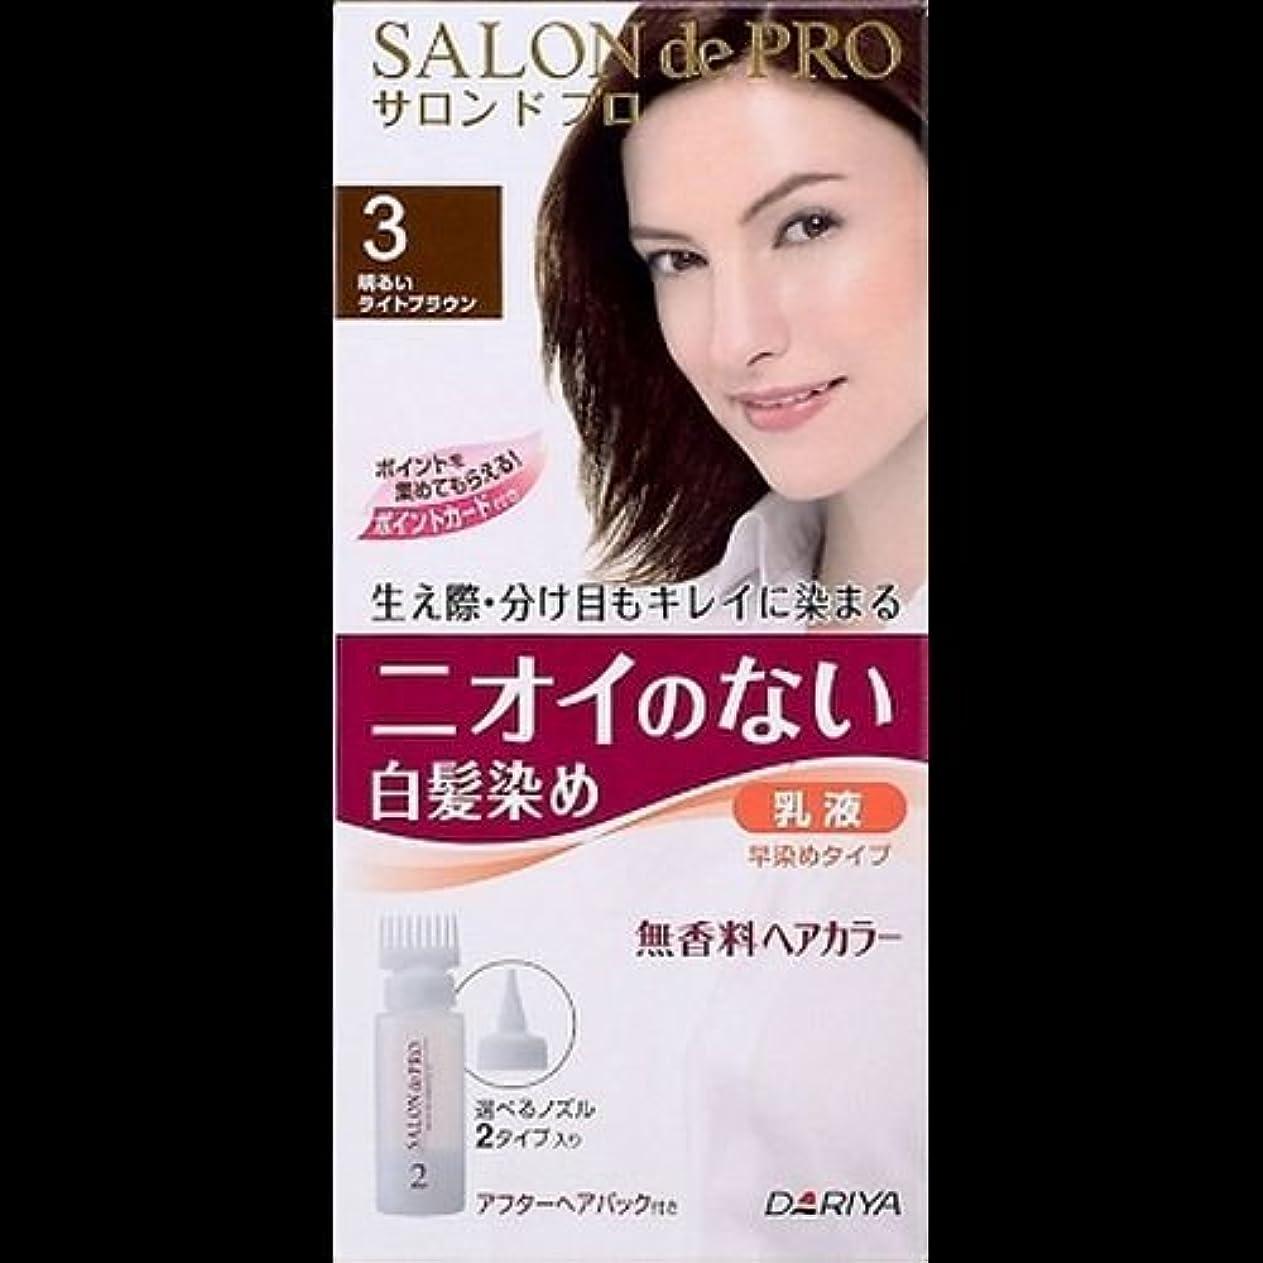 ツーリスト今コンペサロンドプロ 無香料ヘアカラー 早染め乳液3 (明るいライトブラウン) ×2セット